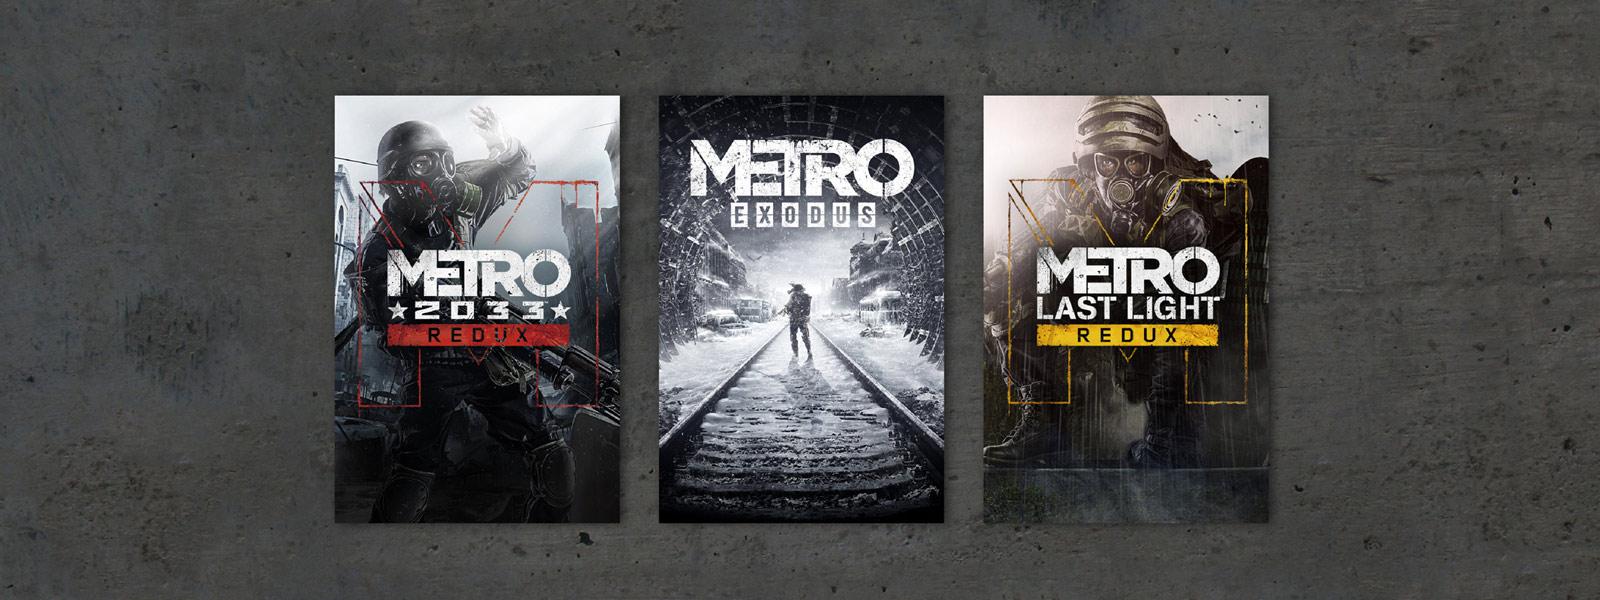 Boîtes de Metro Exodus, Metro 2033 et Metro Last Light Redux sur fond gris texturé